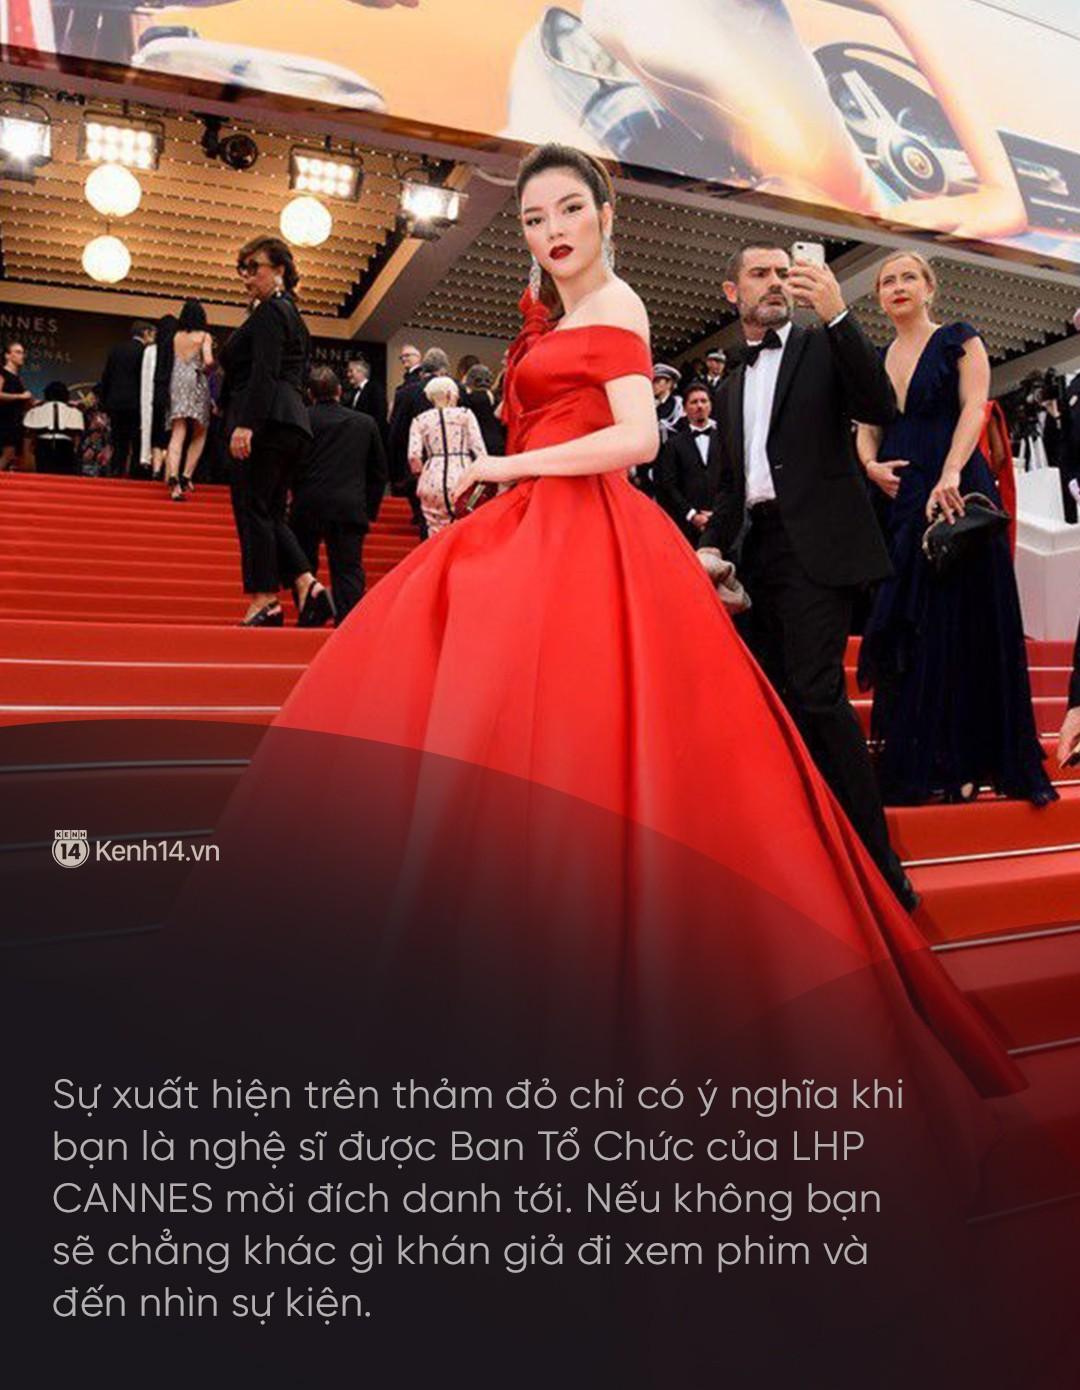 Lý Nhã Kỳ: Tự bỏ tiền túi đi Cannes là ngốc nghếch, thực chất chỉ làm khán giả vô danh - Ảnh 3.